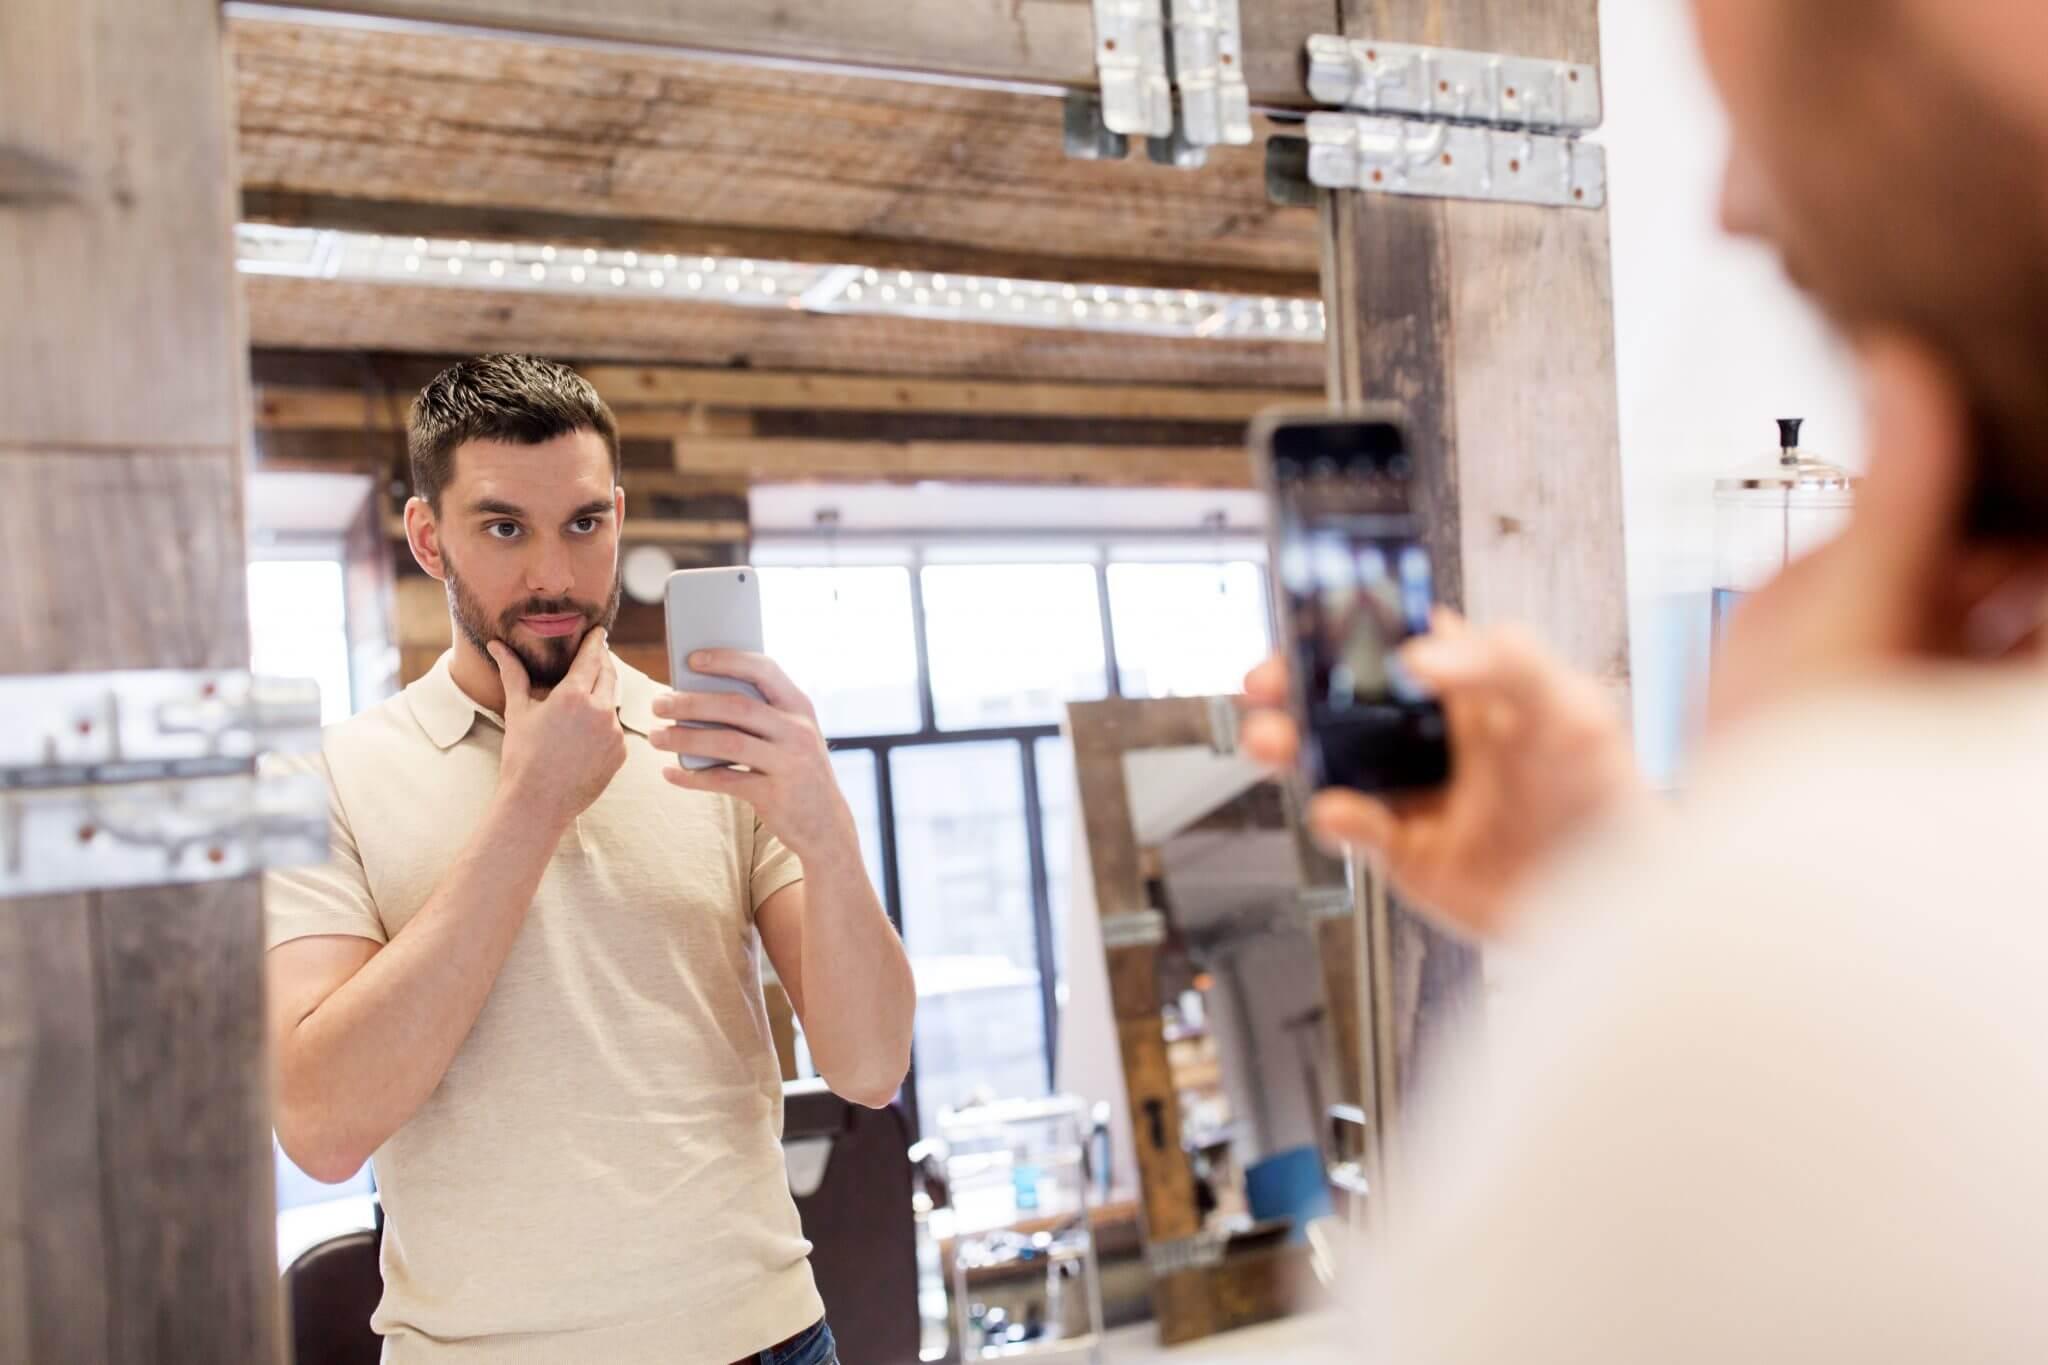 Это красиво в зеркале и безобразно на фото? Понять почему